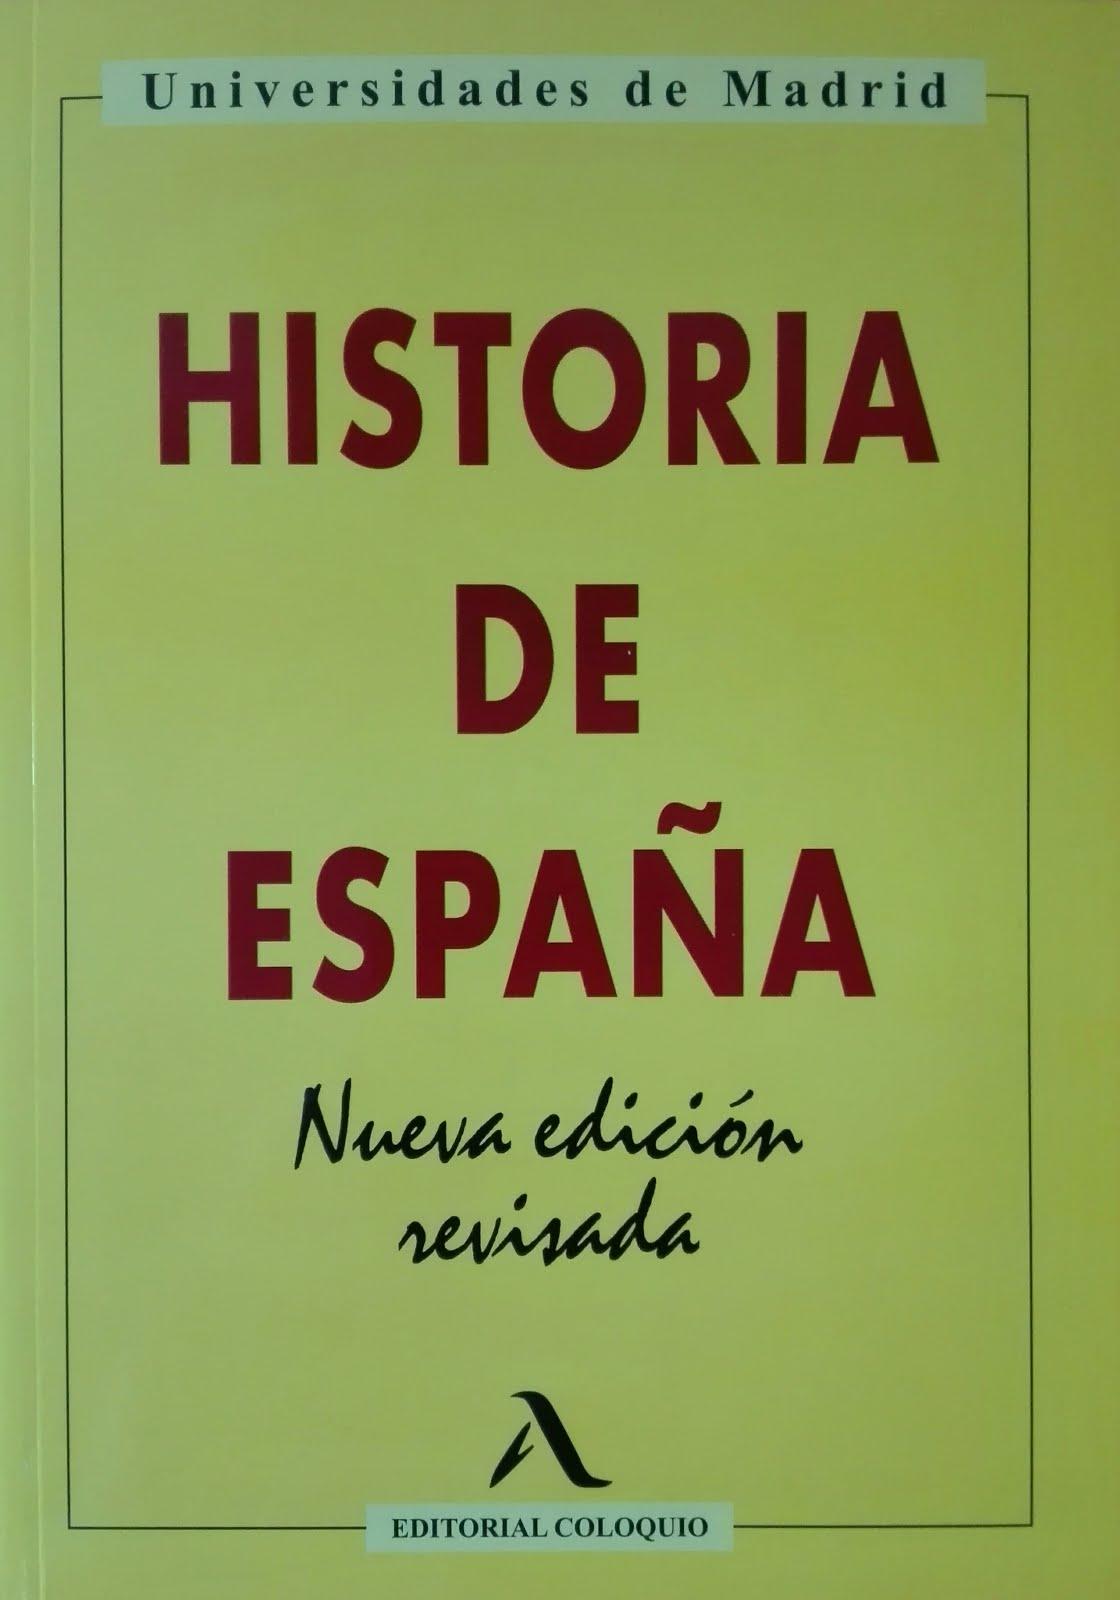 Obra del bloquero. Coautor. Libro de texto. Historia de España, Nueva edición revisada. 2020